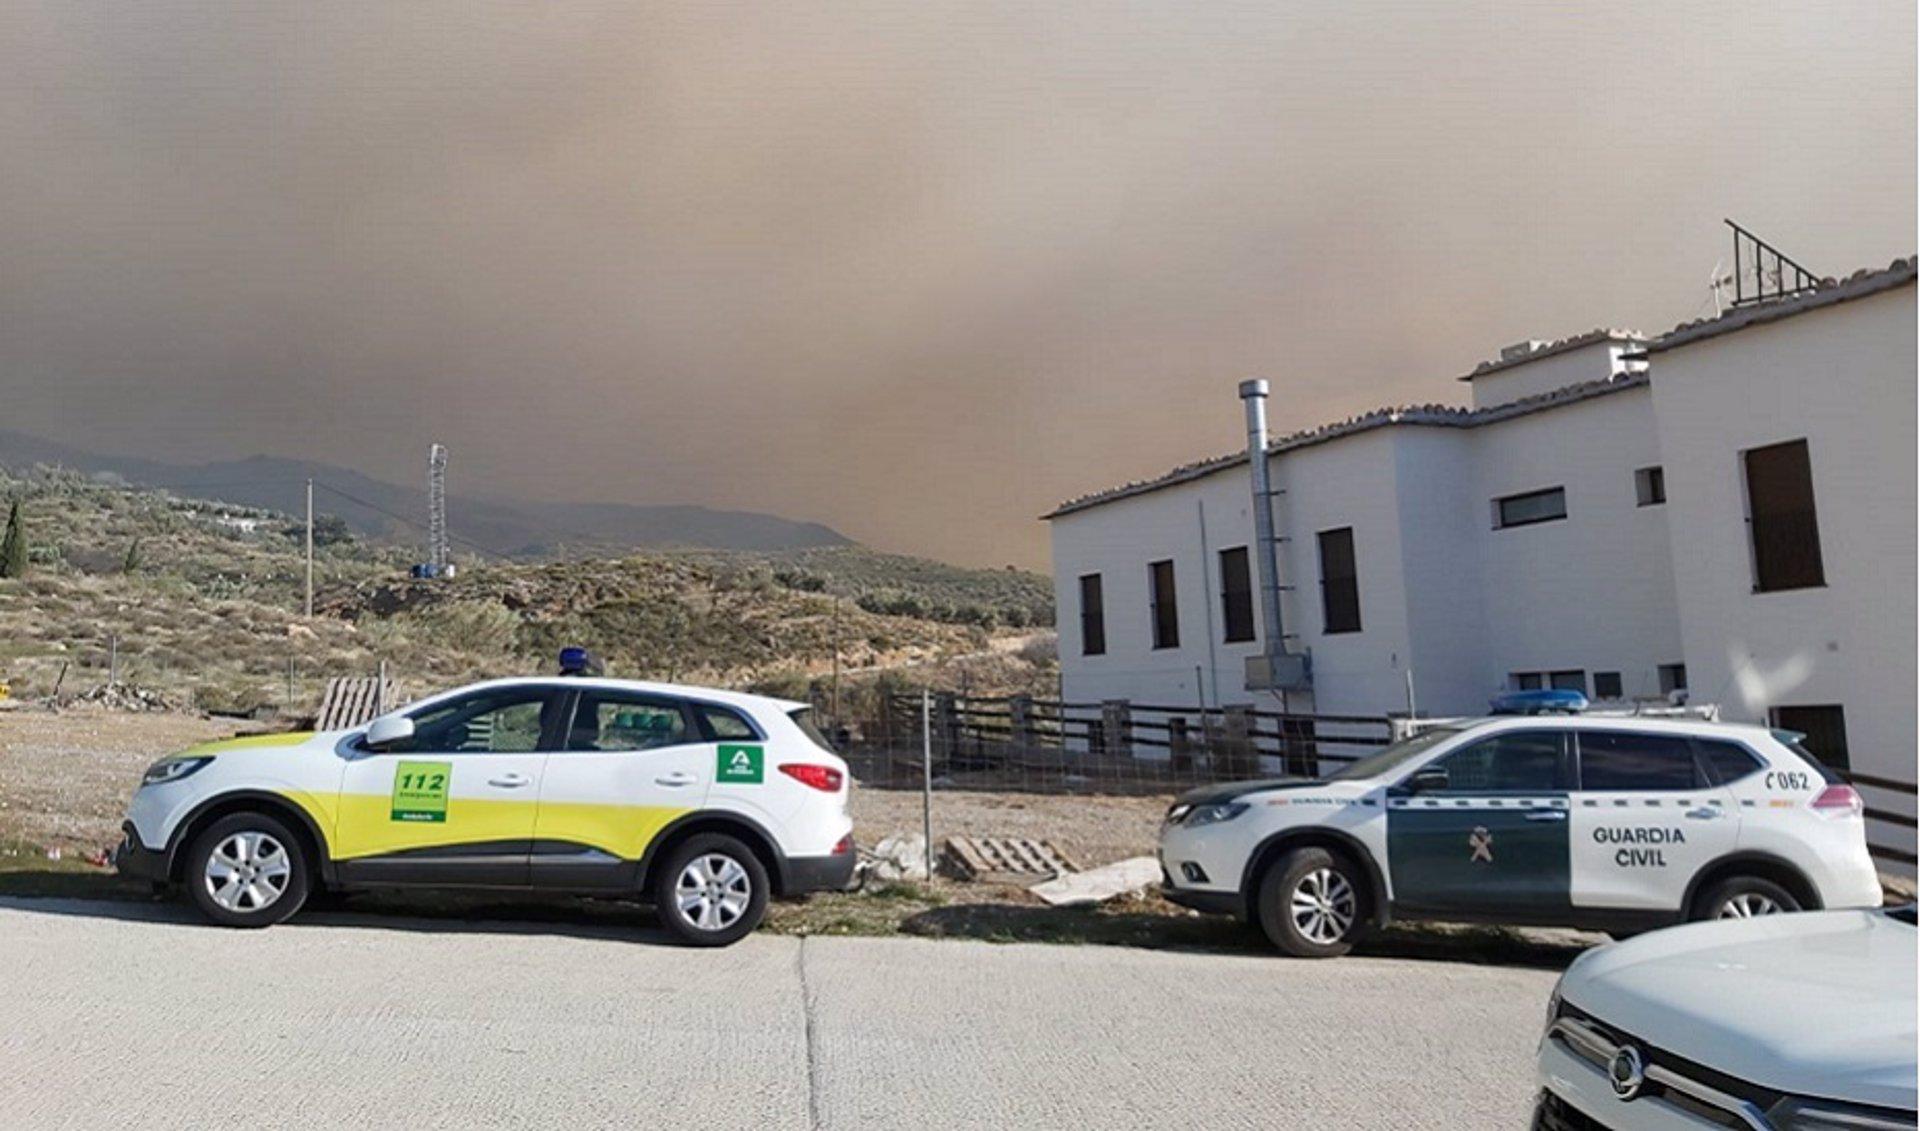 Autorizan el regreso de los usuarios de la residencia evacuada por el incendio forestal de Almegíjar